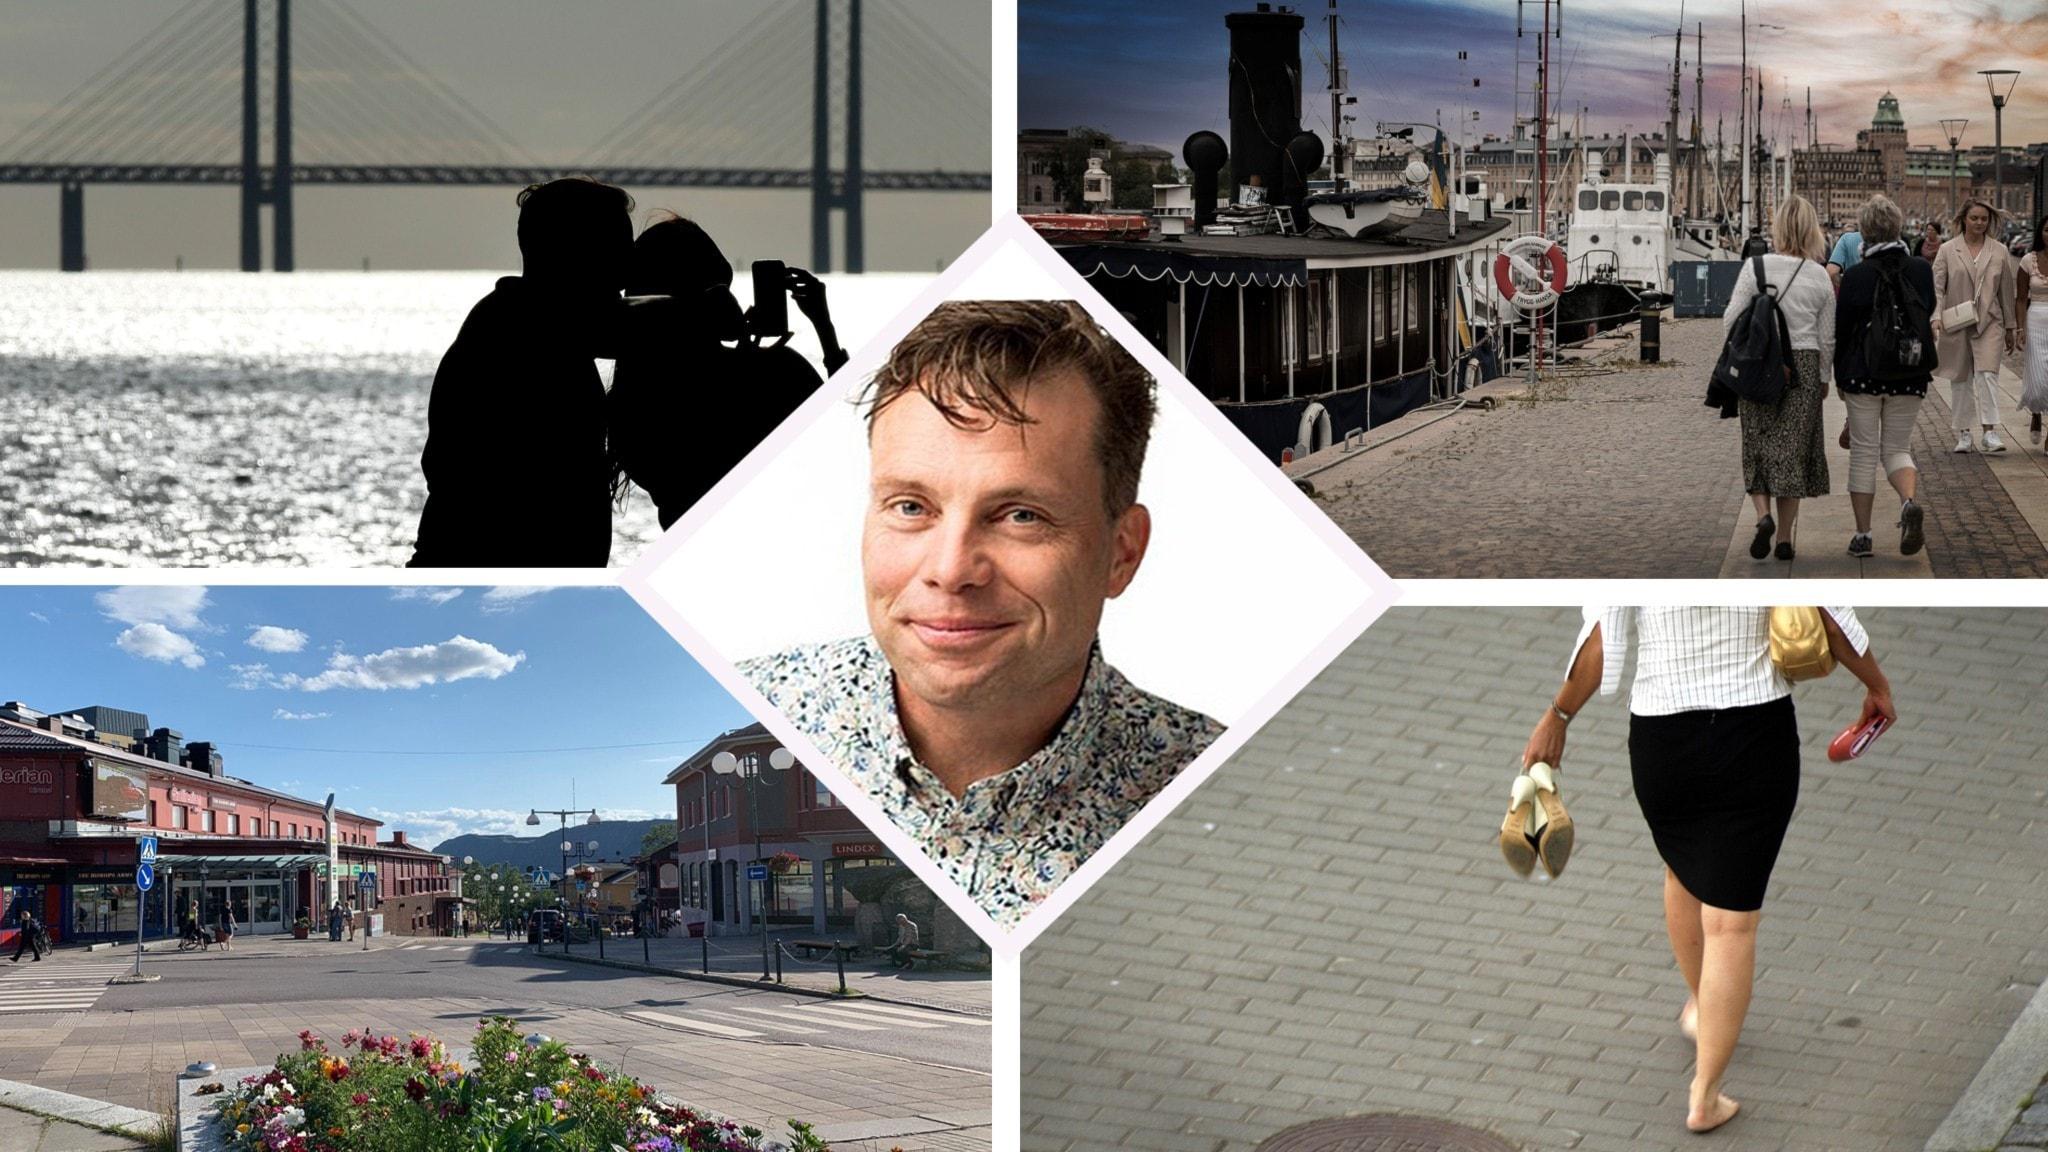 Ett kollage av olika stadsbilder där folk vandrar och ett porträttfoto av Henrik Olsson